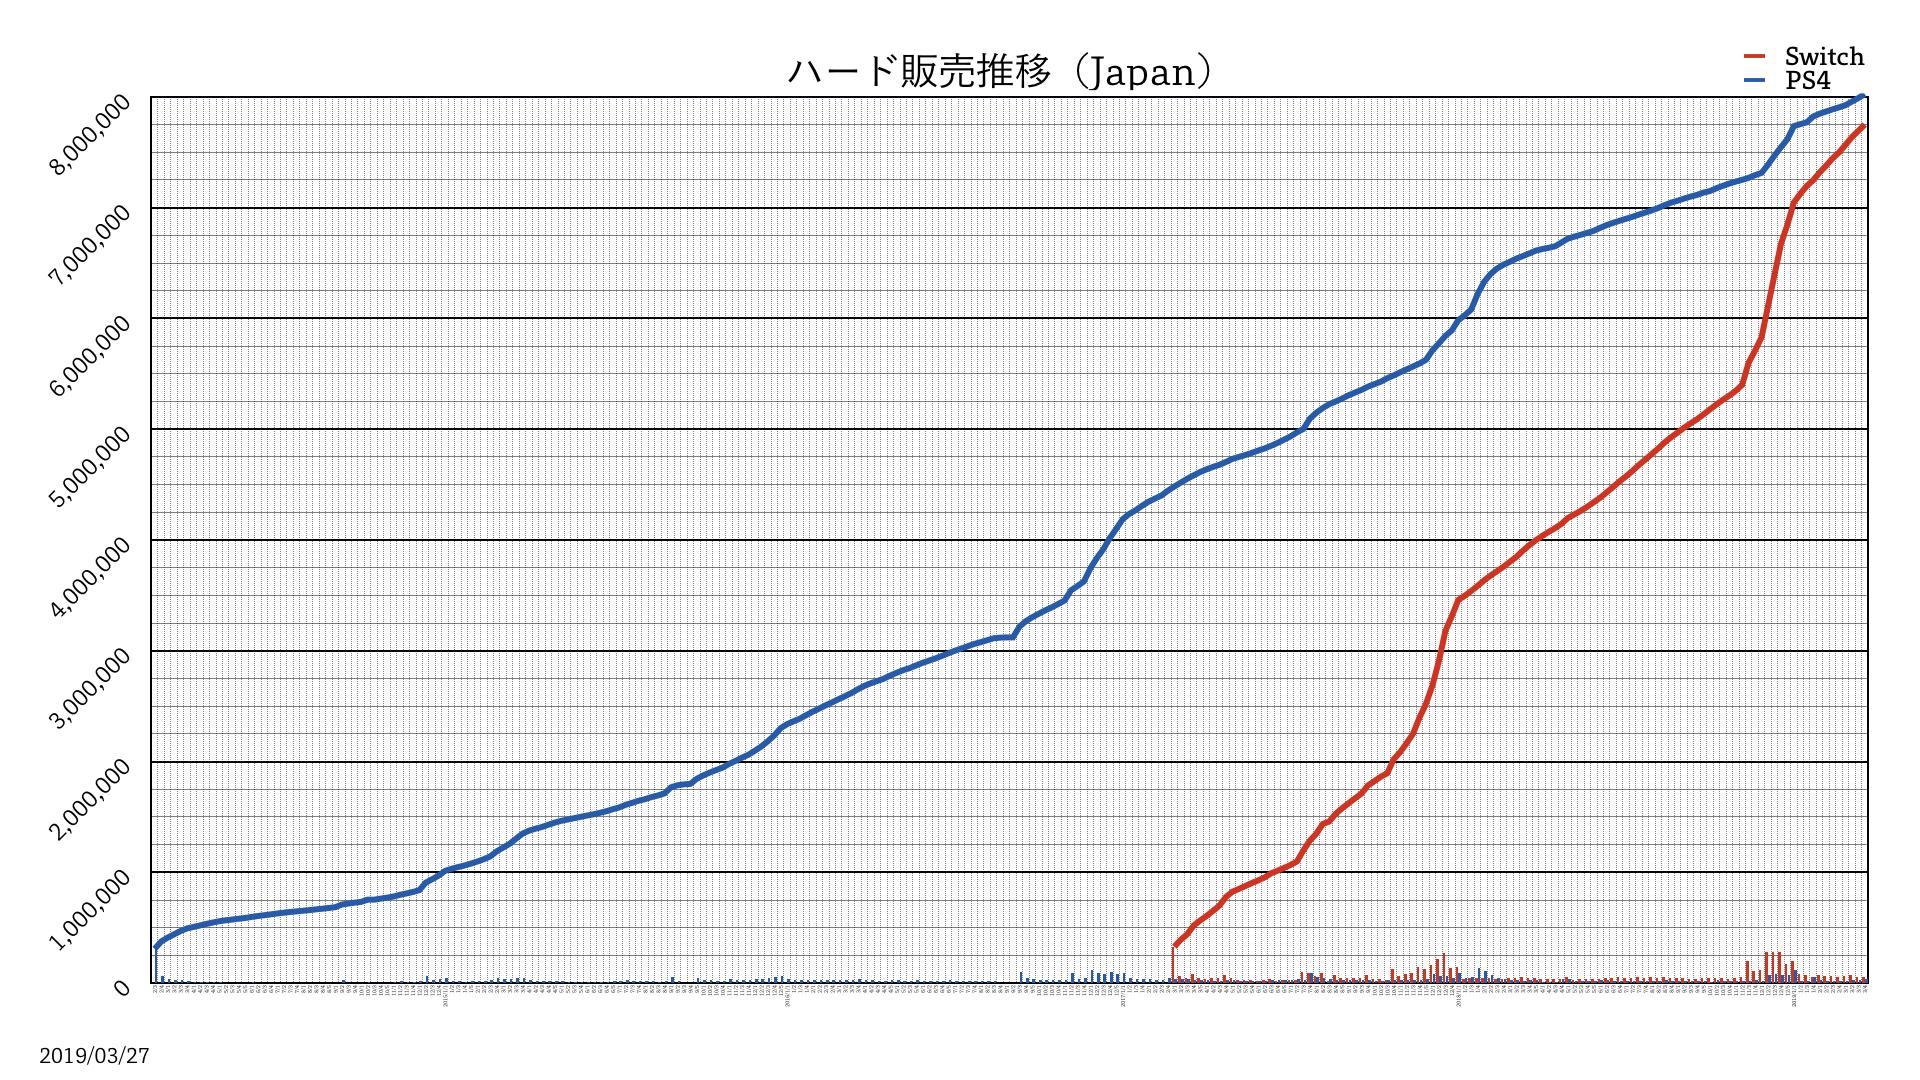 MZJodKU - 【グラフあり】Switchさん、PS2の勢いを超える!PS4は後発のSwitchさんに追い抜かれる模様